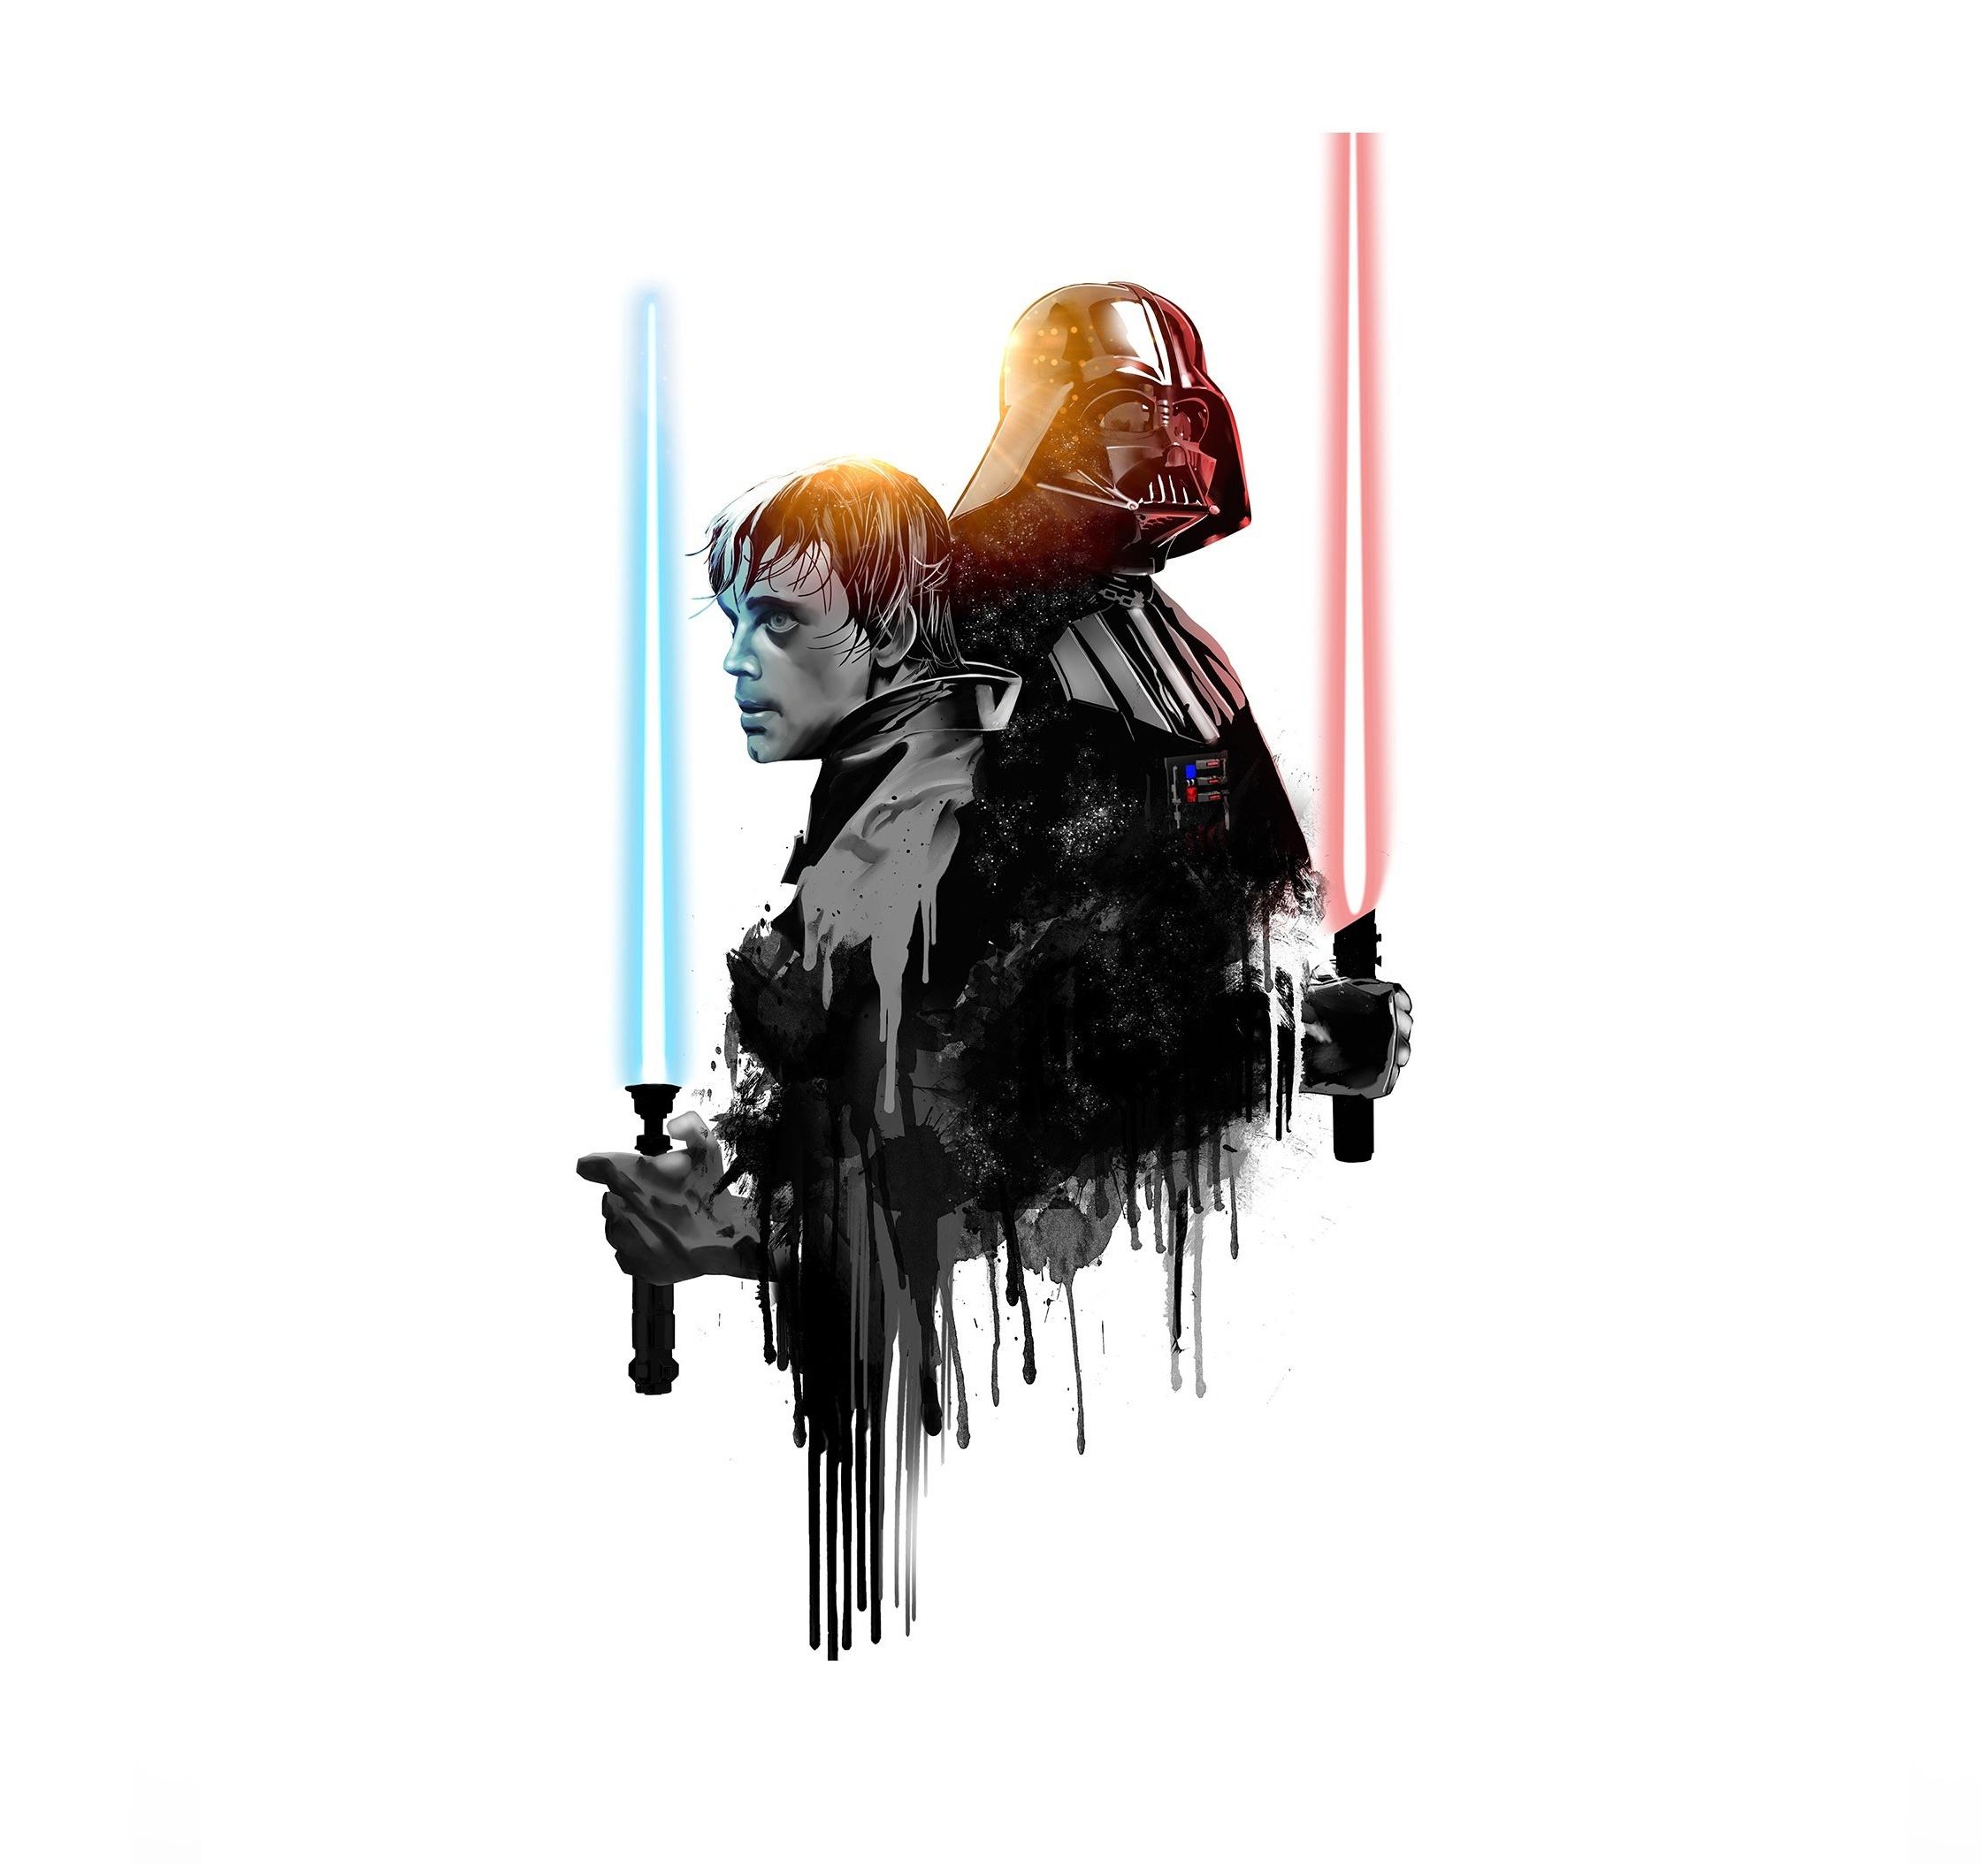 Darth Vader Luke Skywalker Star Wars Minimal Wallpaper Star Wars Wallpaper Darth Vader 2248x2108 Wallpaper Teahub Io